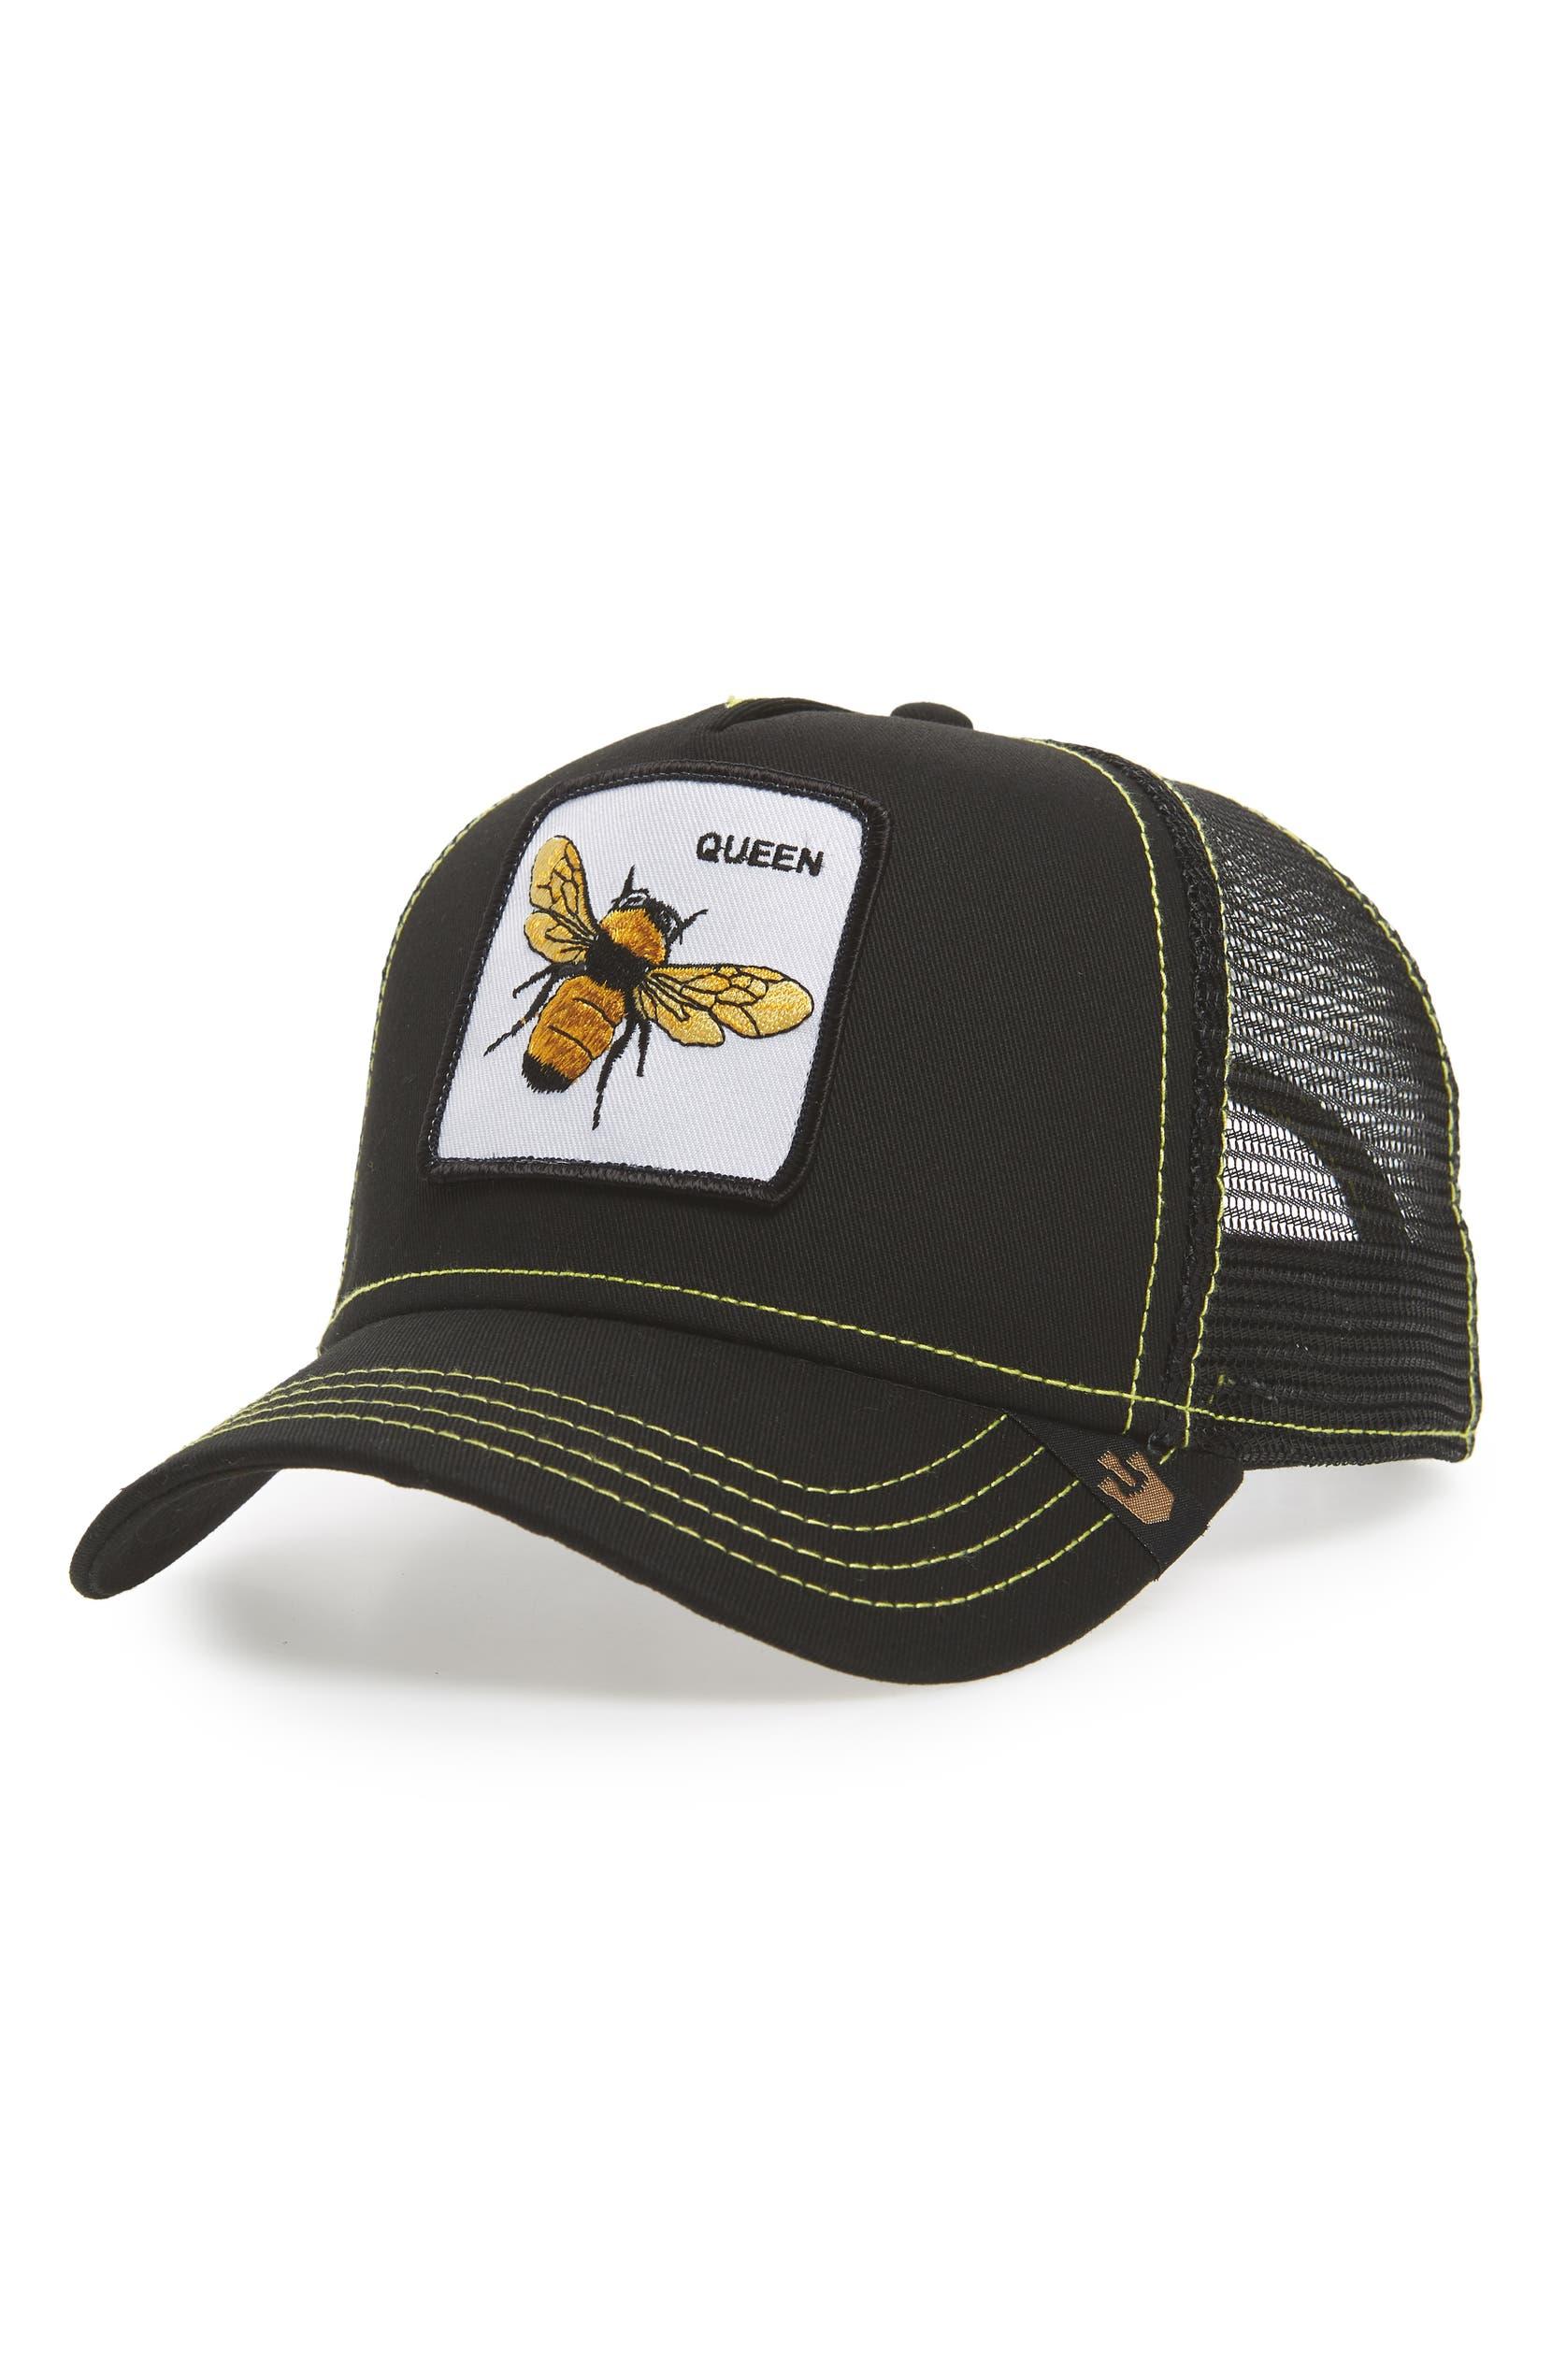 Goorin Brothers Queen Bee Trucker Cap  8eddcff5390